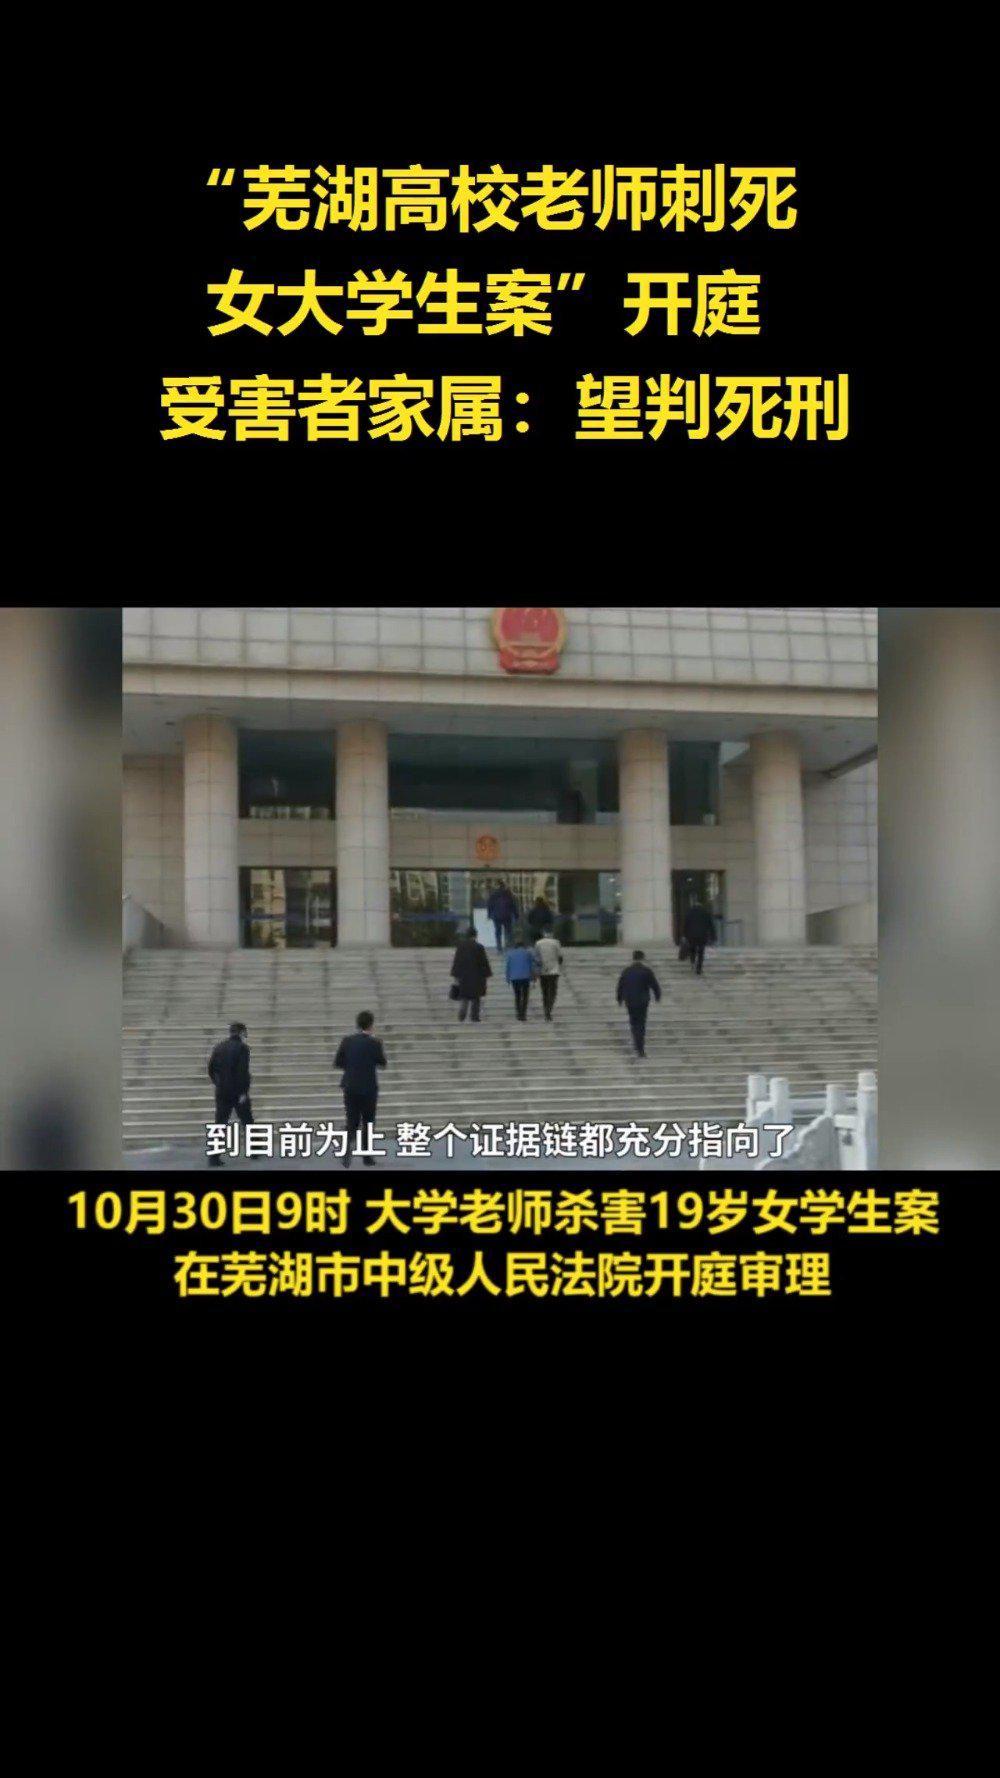 """安徽""""大学老师杀害19岁女生案今日开庭"""" 受害者家属:望判死刑"""